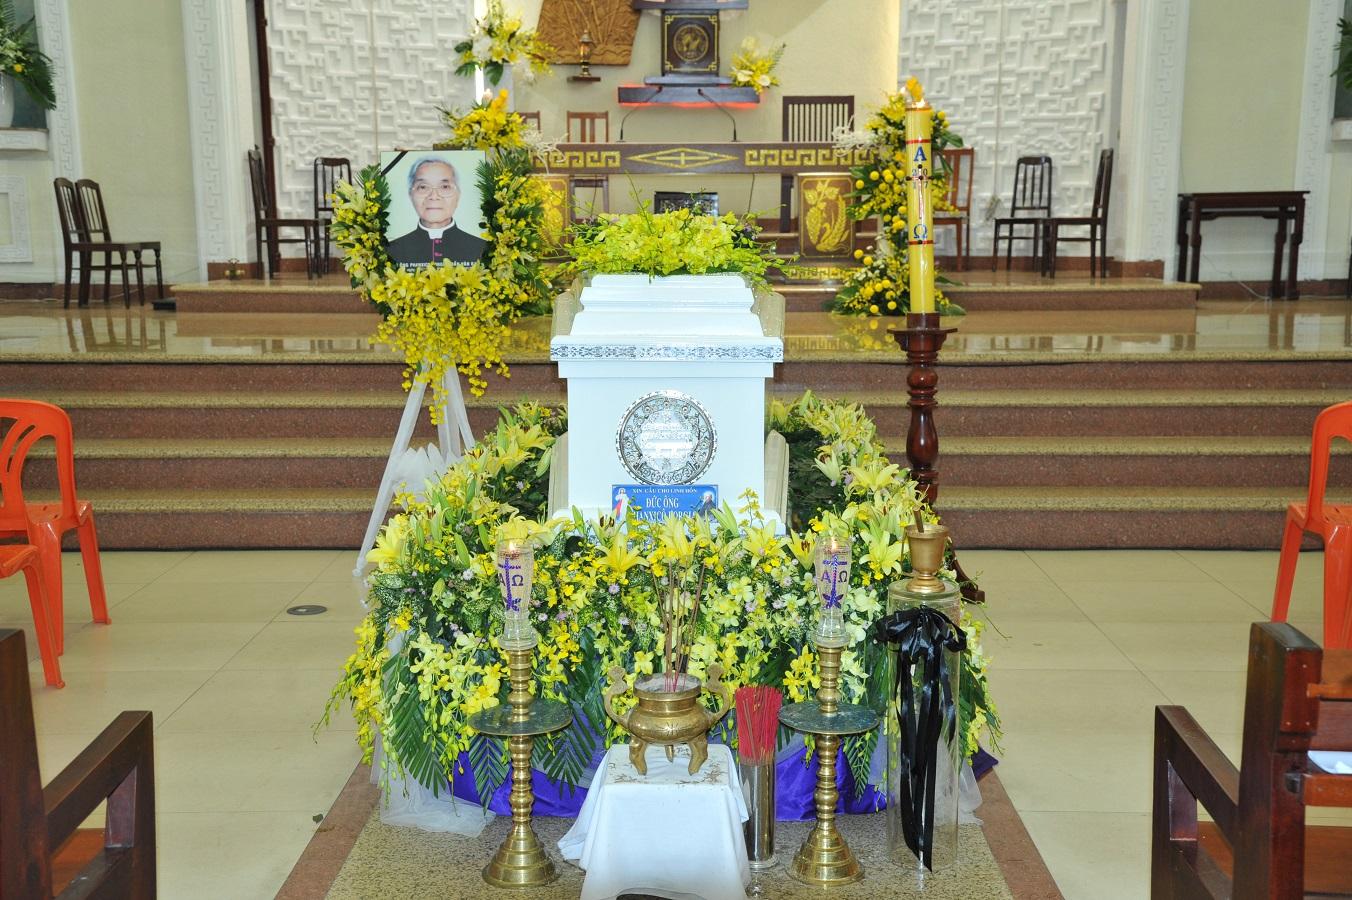 Thánh Lễ An Táng Đức Ông Phanxico Borgia Trần Văn Khả :Chiếc Thiệp Tang Thay Cho Chiếc Thiệp Mừng - Ảnh minh hoạ 11